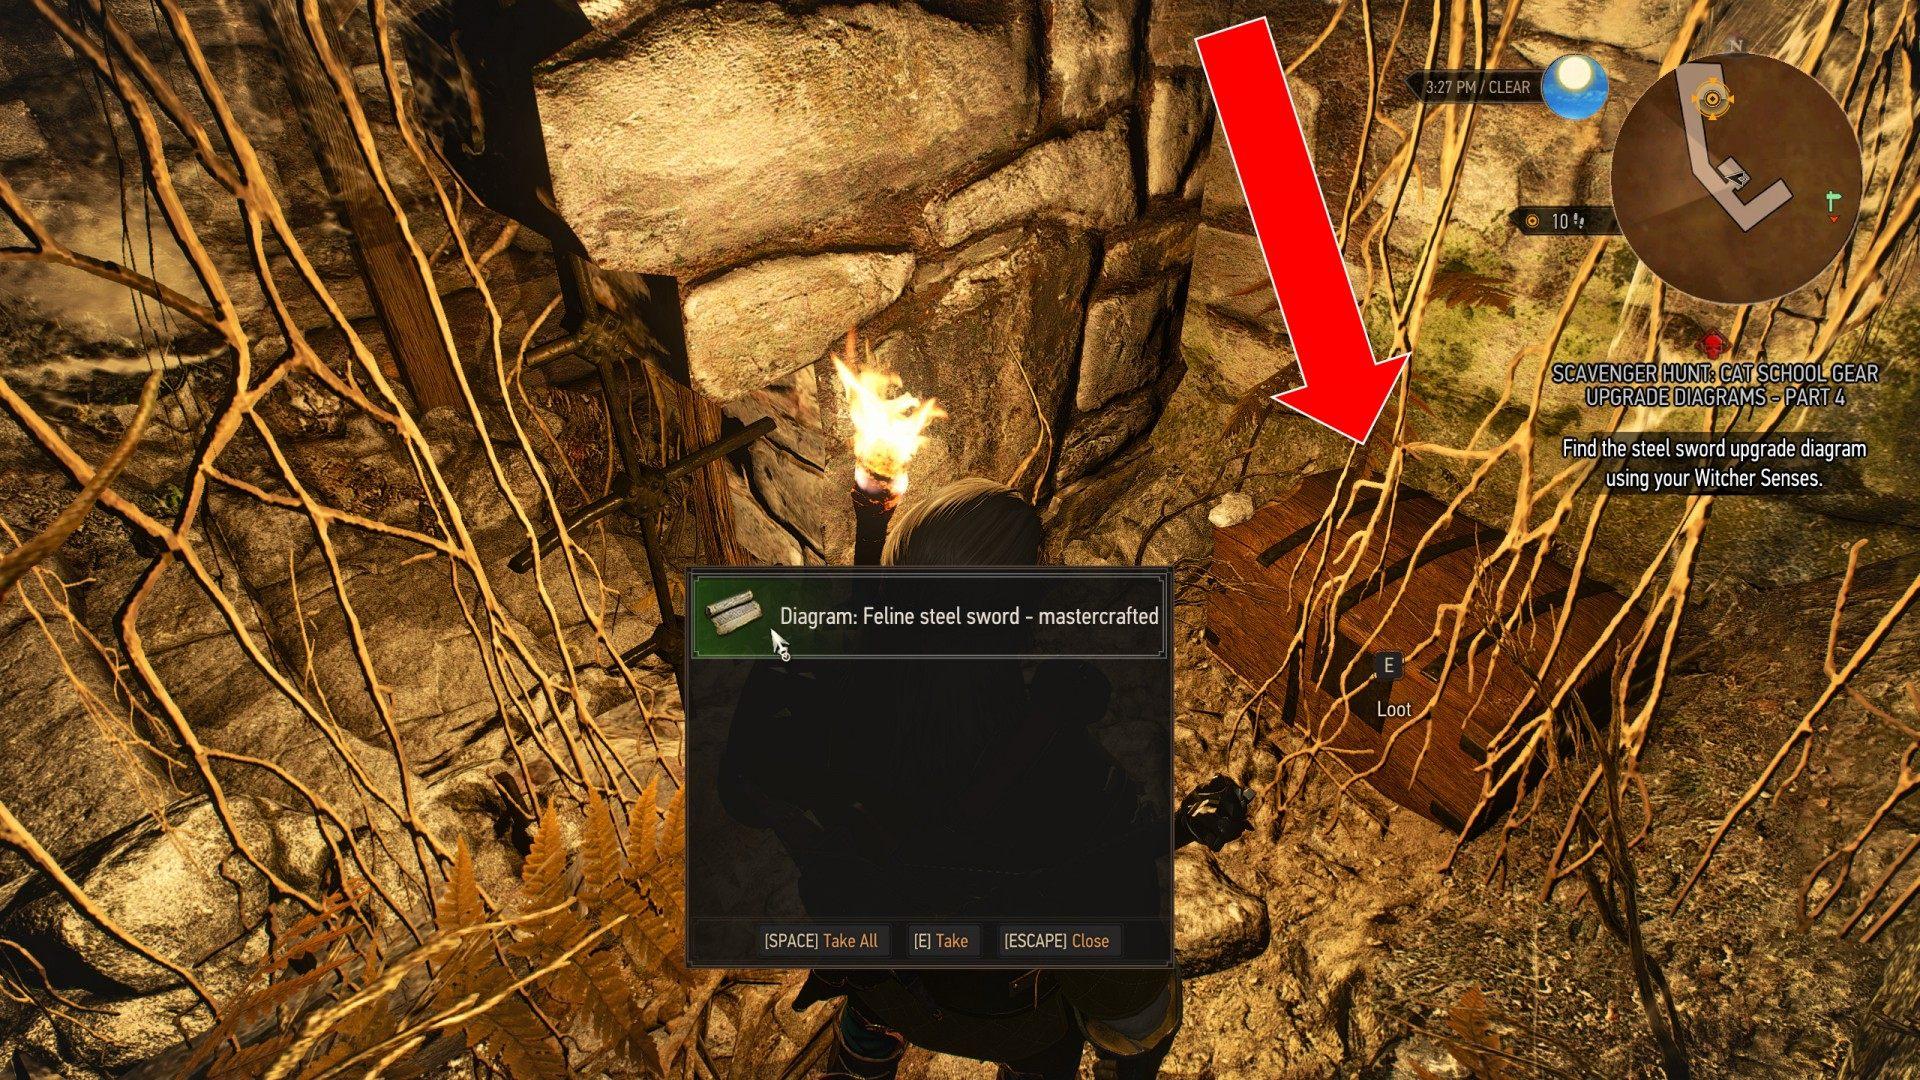 Scavenger Hunt Cat School Gear Upgrade Diagrams Part 4 Witcher 3 Wild Hunt Quest